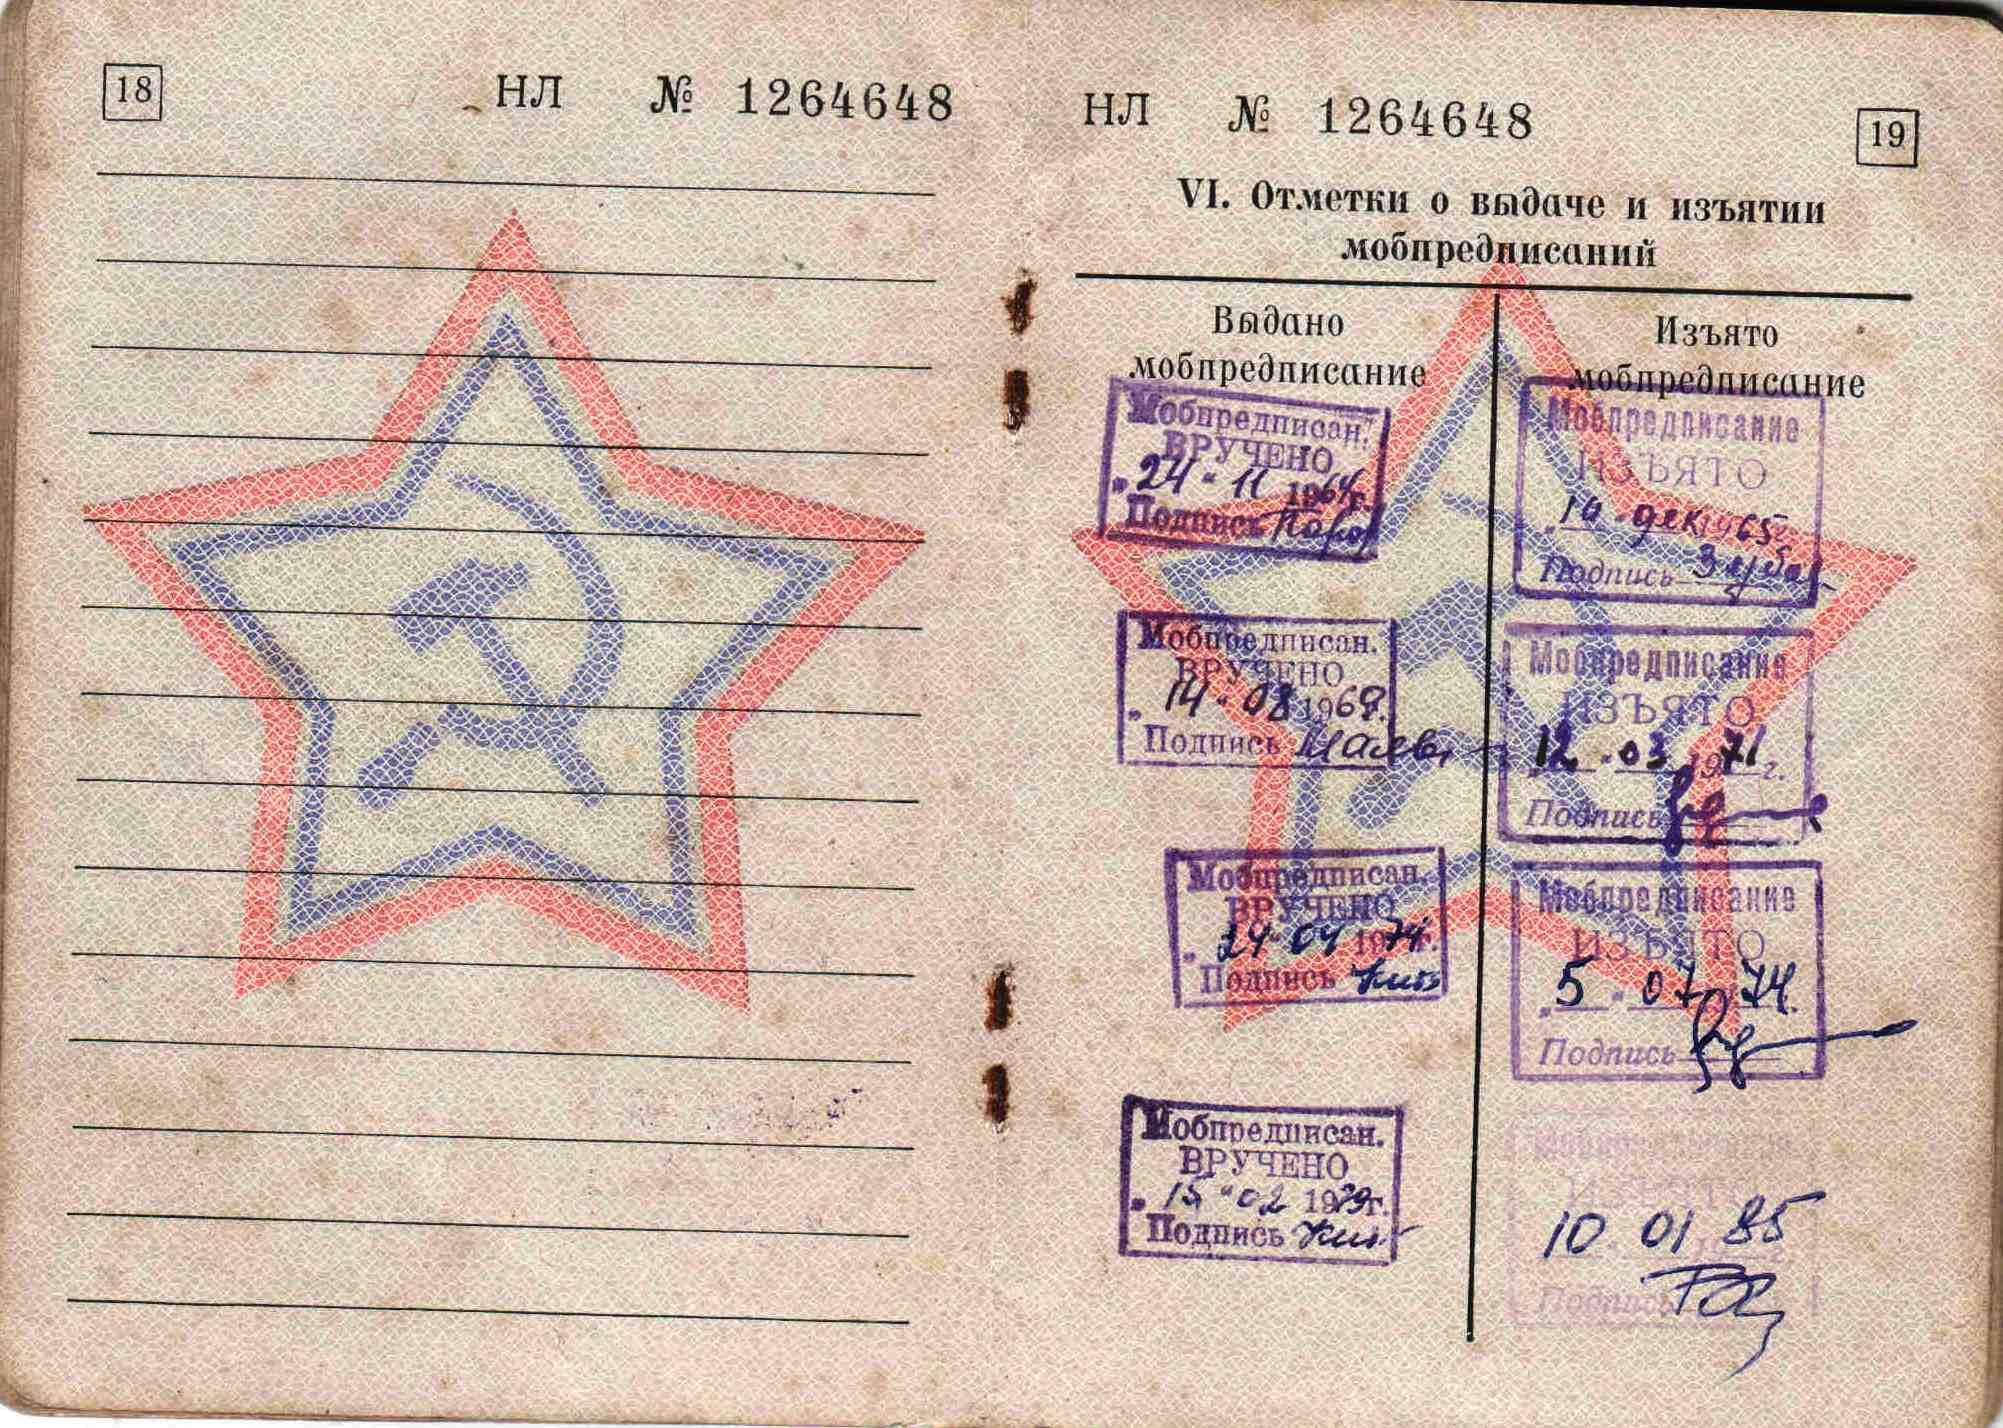 30. Военный билет, 1963 г.